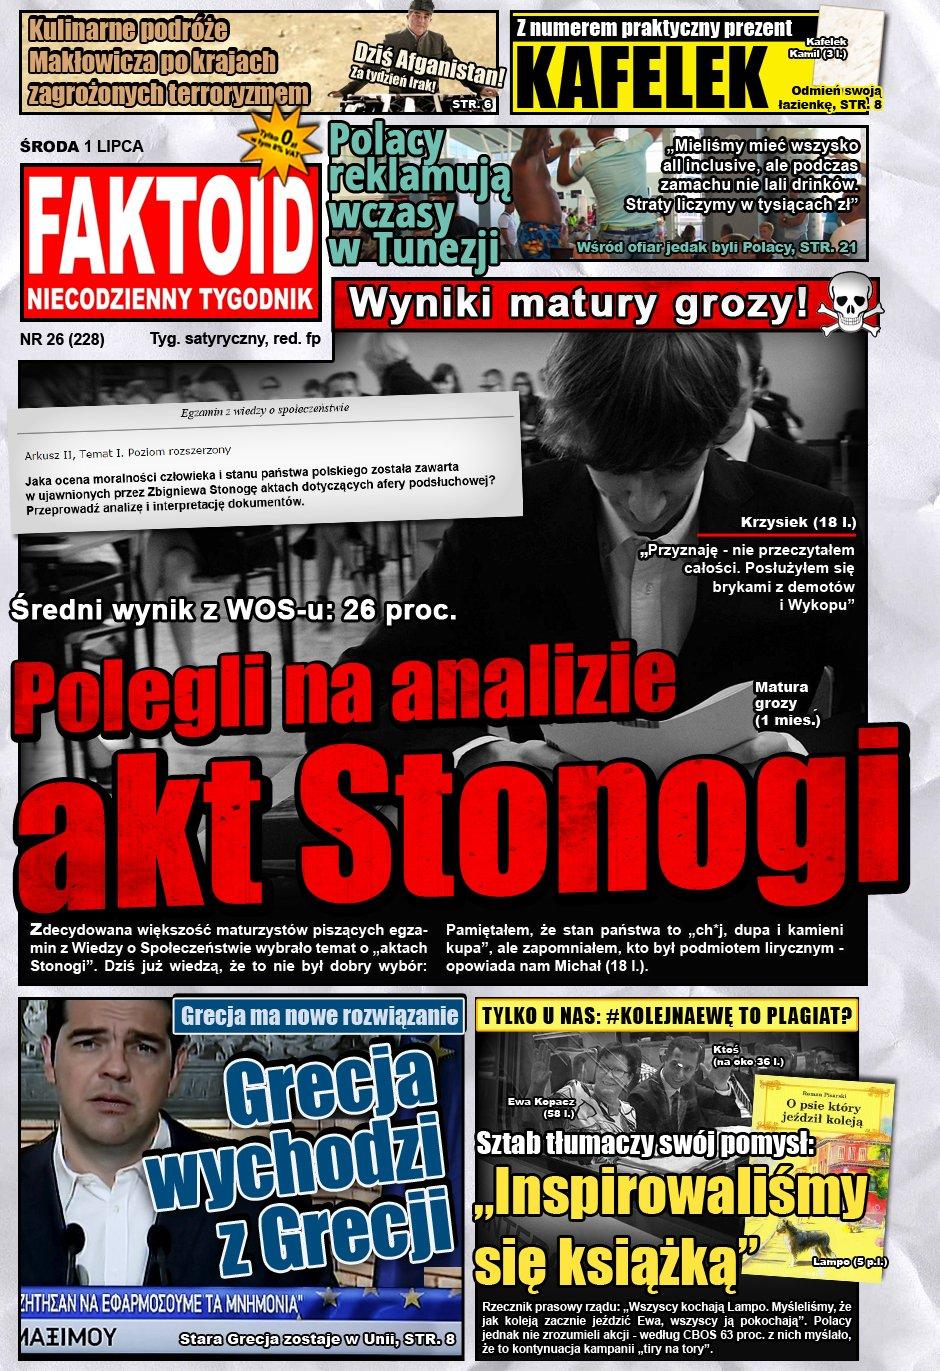 Faktoid: Uczniowie polegli na aktach Stonogi - Faktoid ujawnia kulisy matury z WOSu - Faktoid